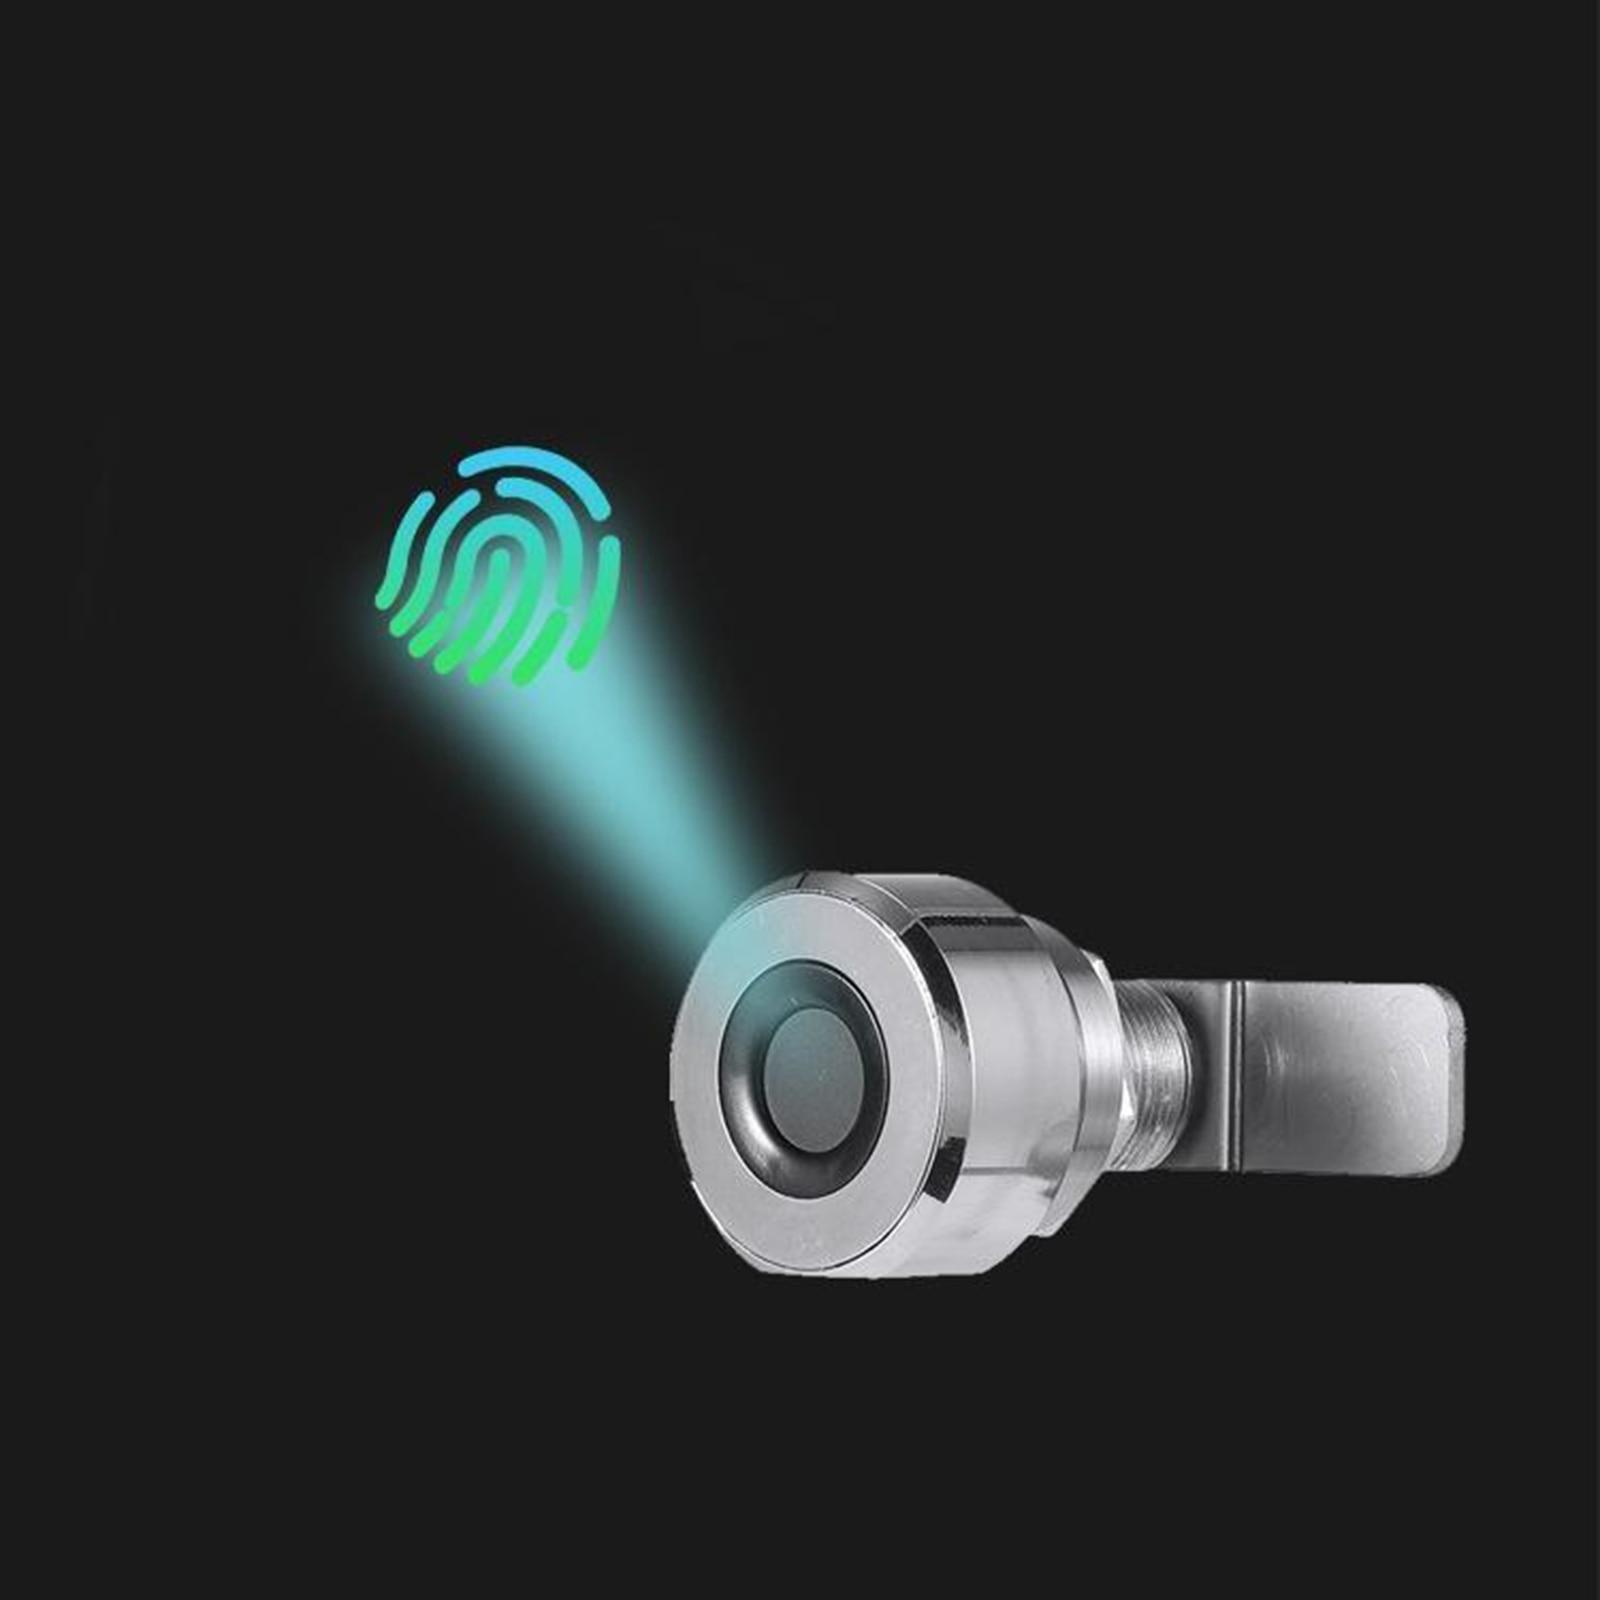 USB قابلة للشحن قفل خزانة إلكتروني قفل ببصمة الأصبع خزانة خفية صالح